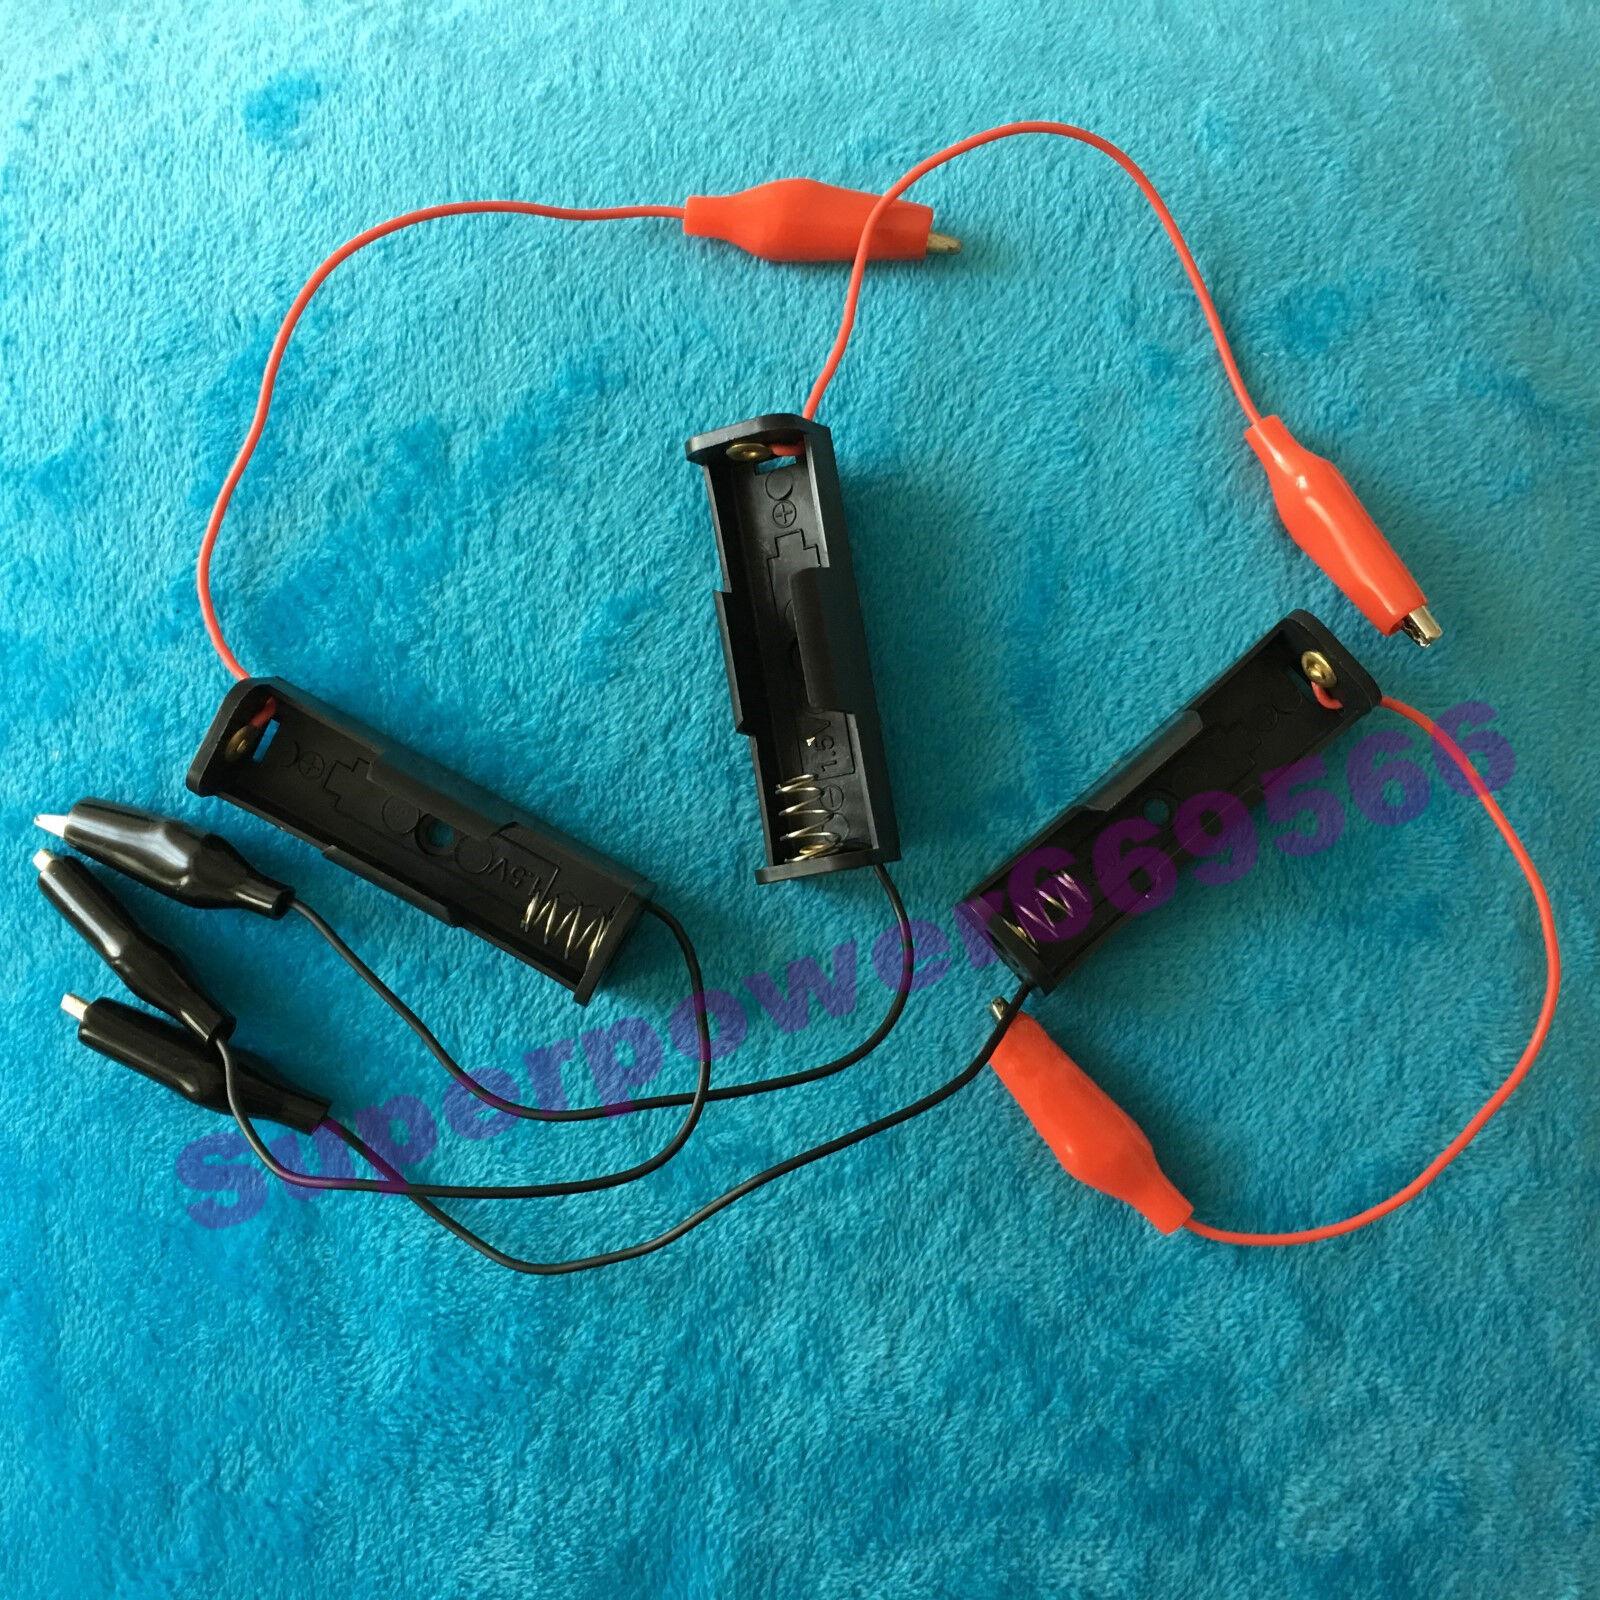 alligator convertor holder for 1X 1.5V AA R6 LR6 14500 3.6V 3.2V battery kit